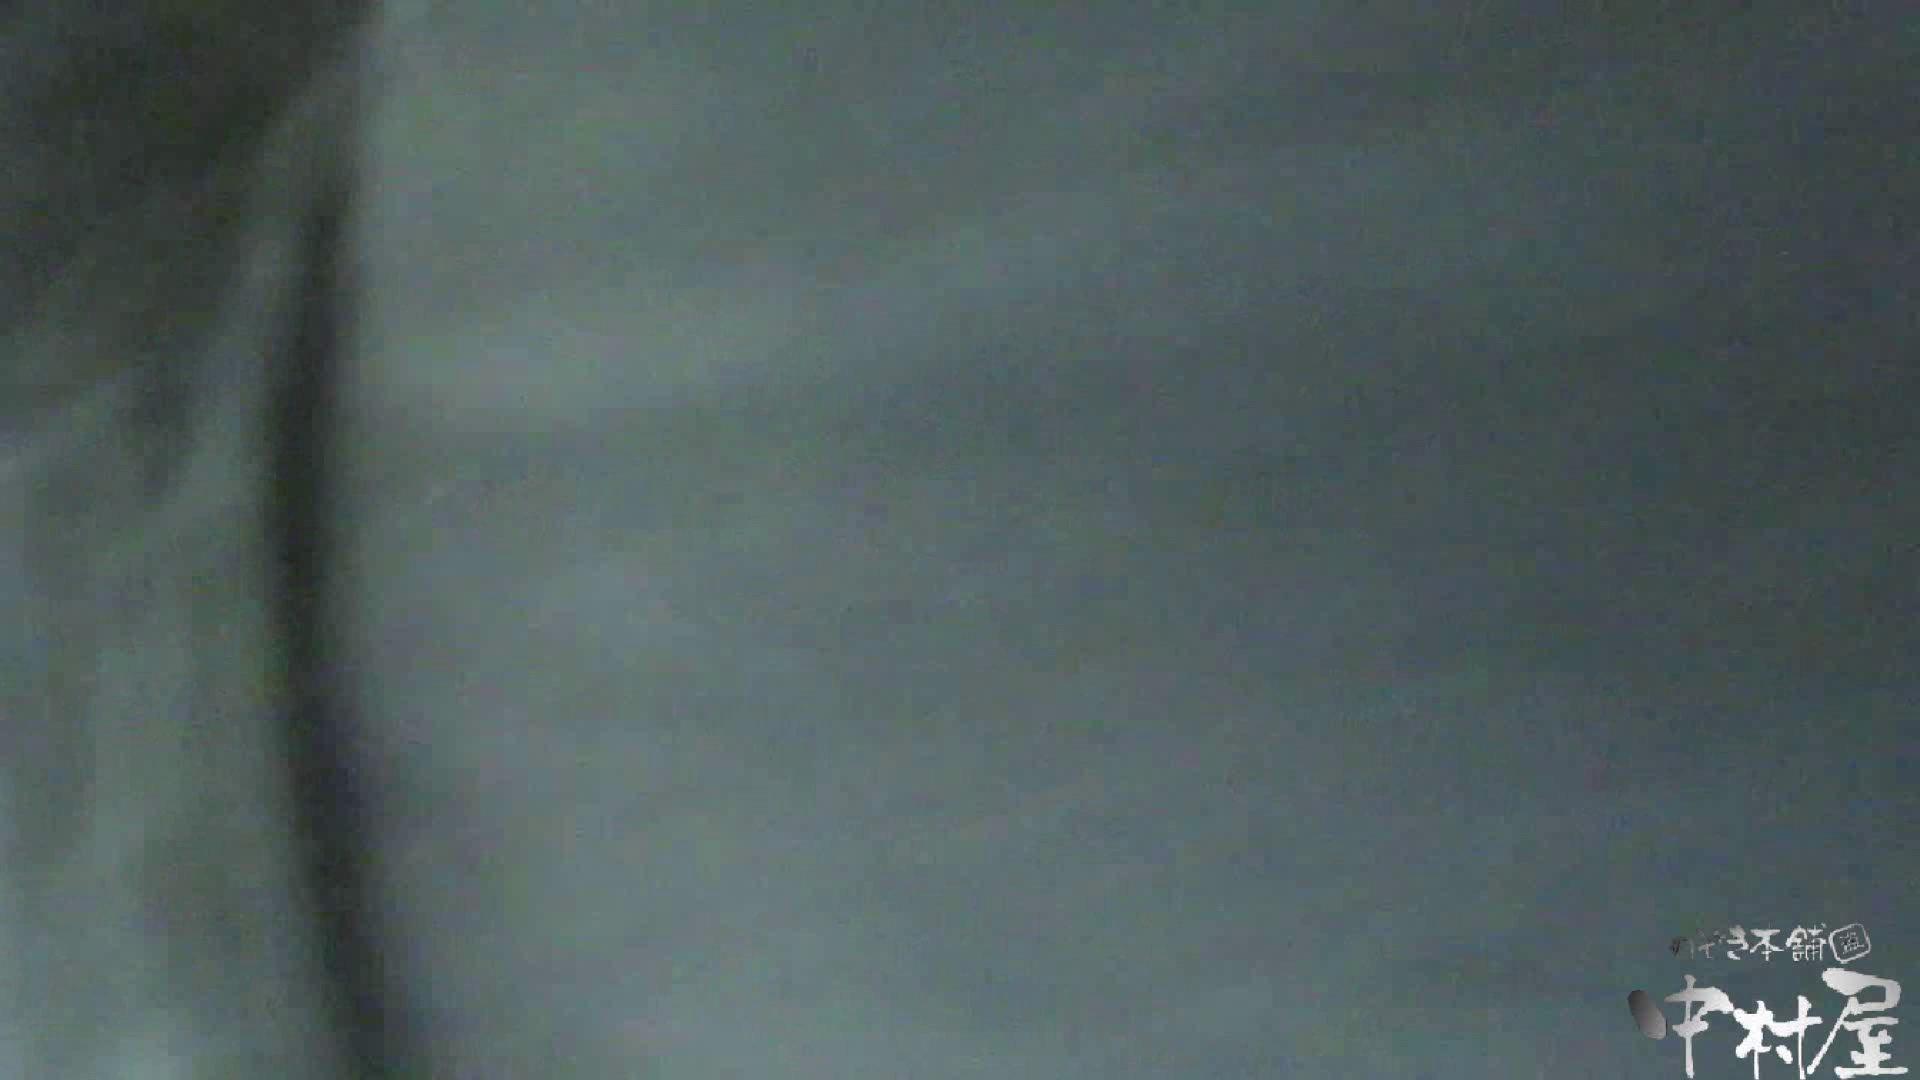 魂のかわや盗撮62連発! 丁寧にオシリをフキフキ! 38発目! 黄金水 | 盗撮特集  95画像 63